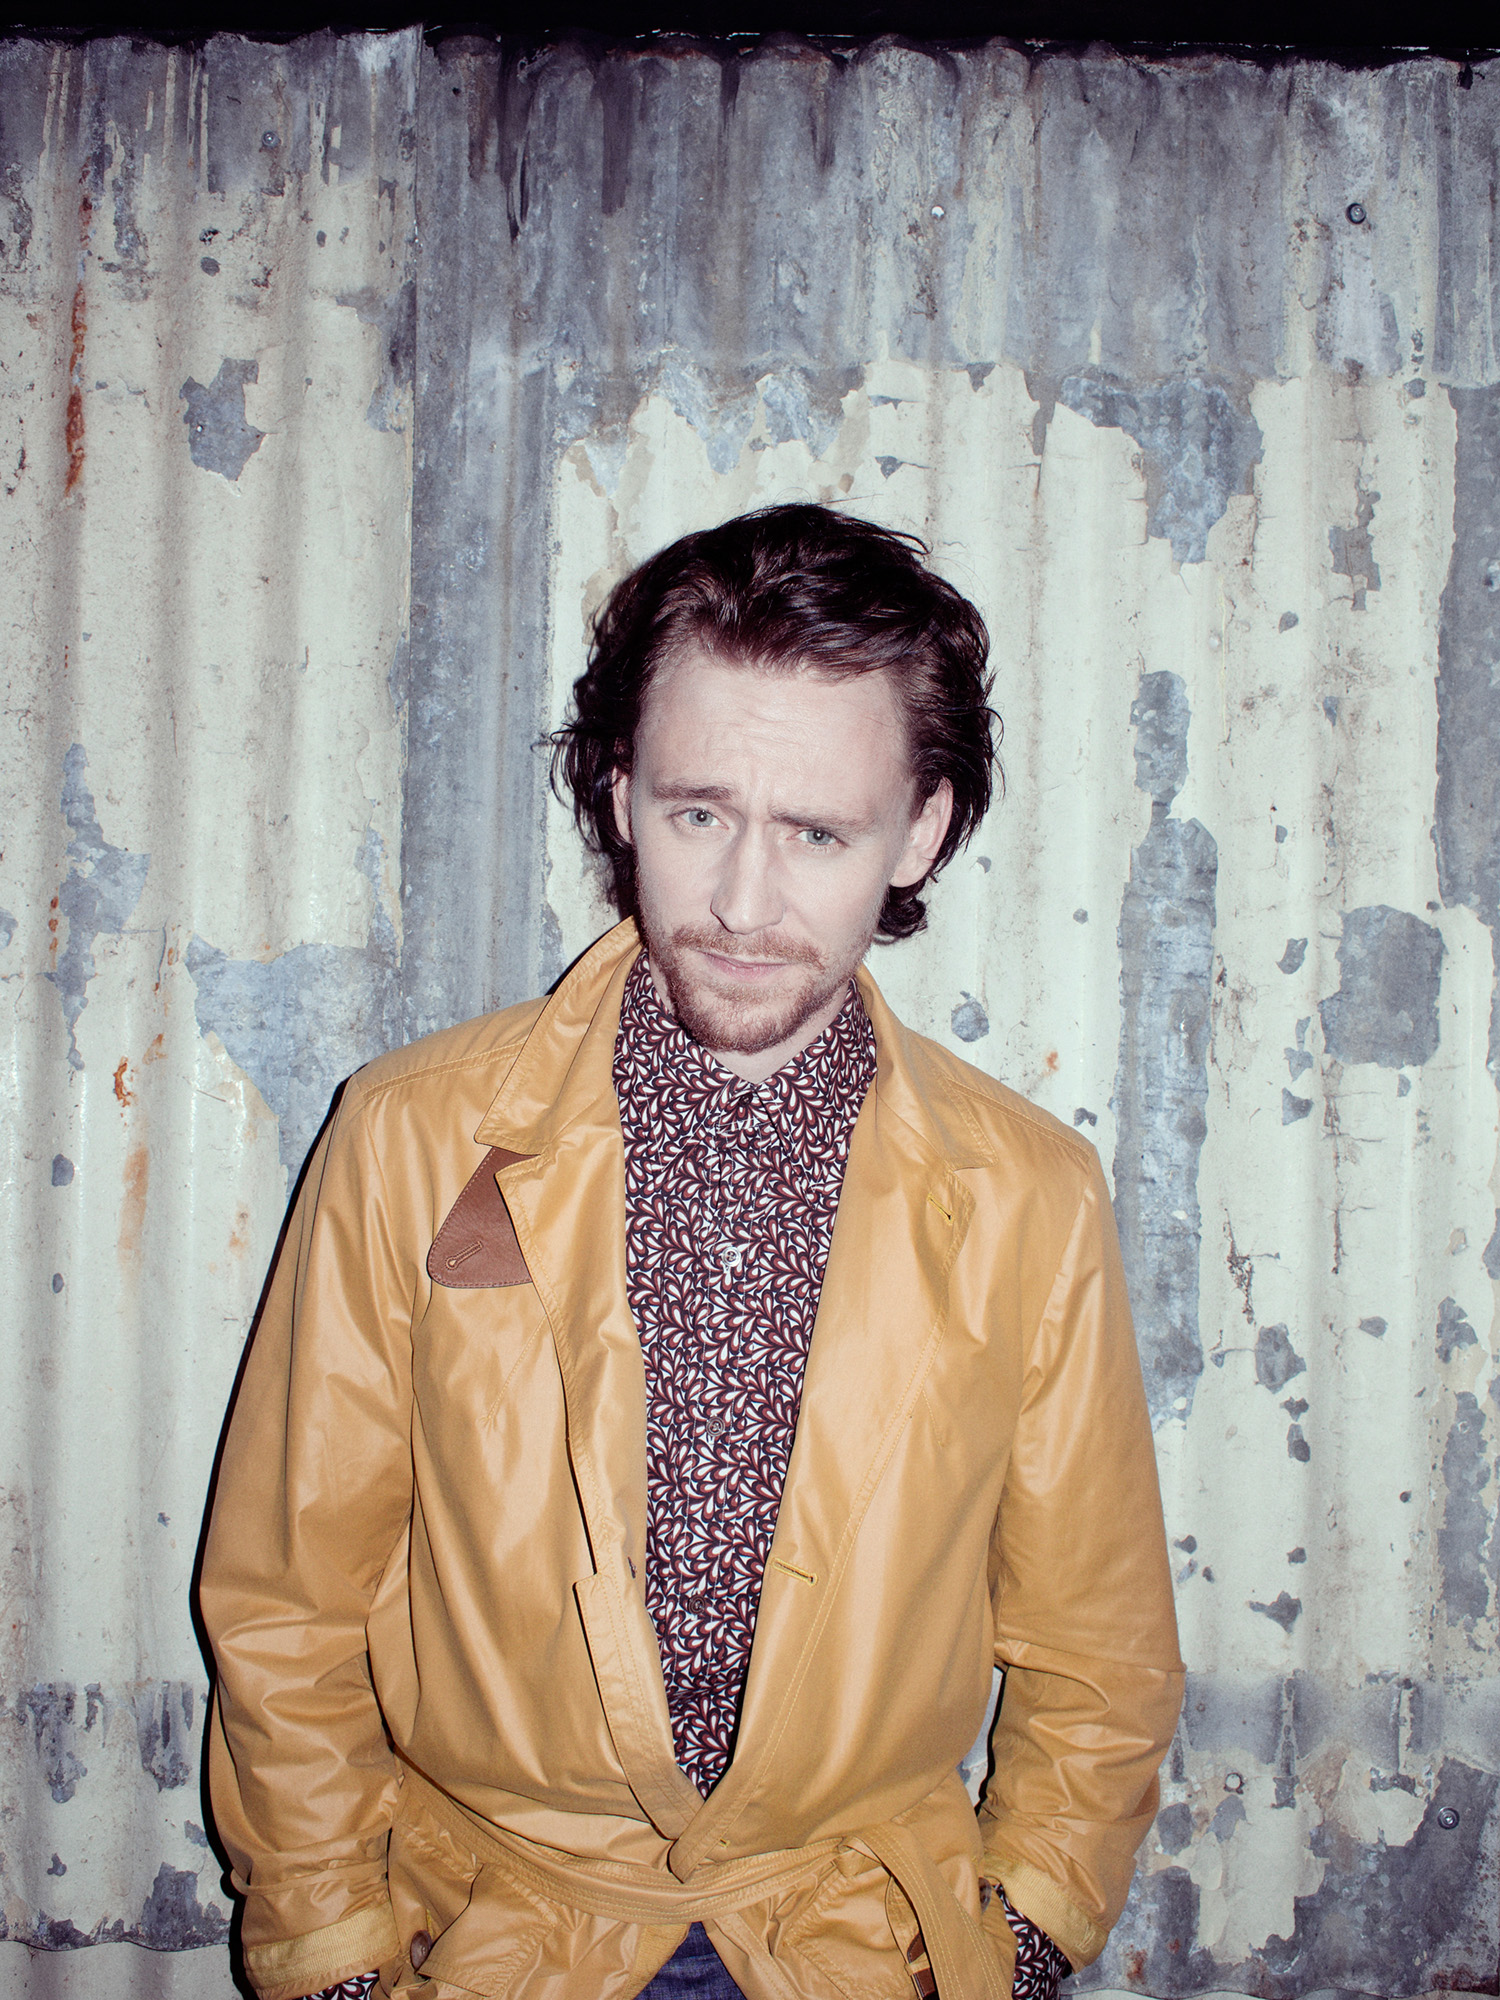 049-icon-artist-management-kristin-vicari-portraits-tom-hiddleston.jpg